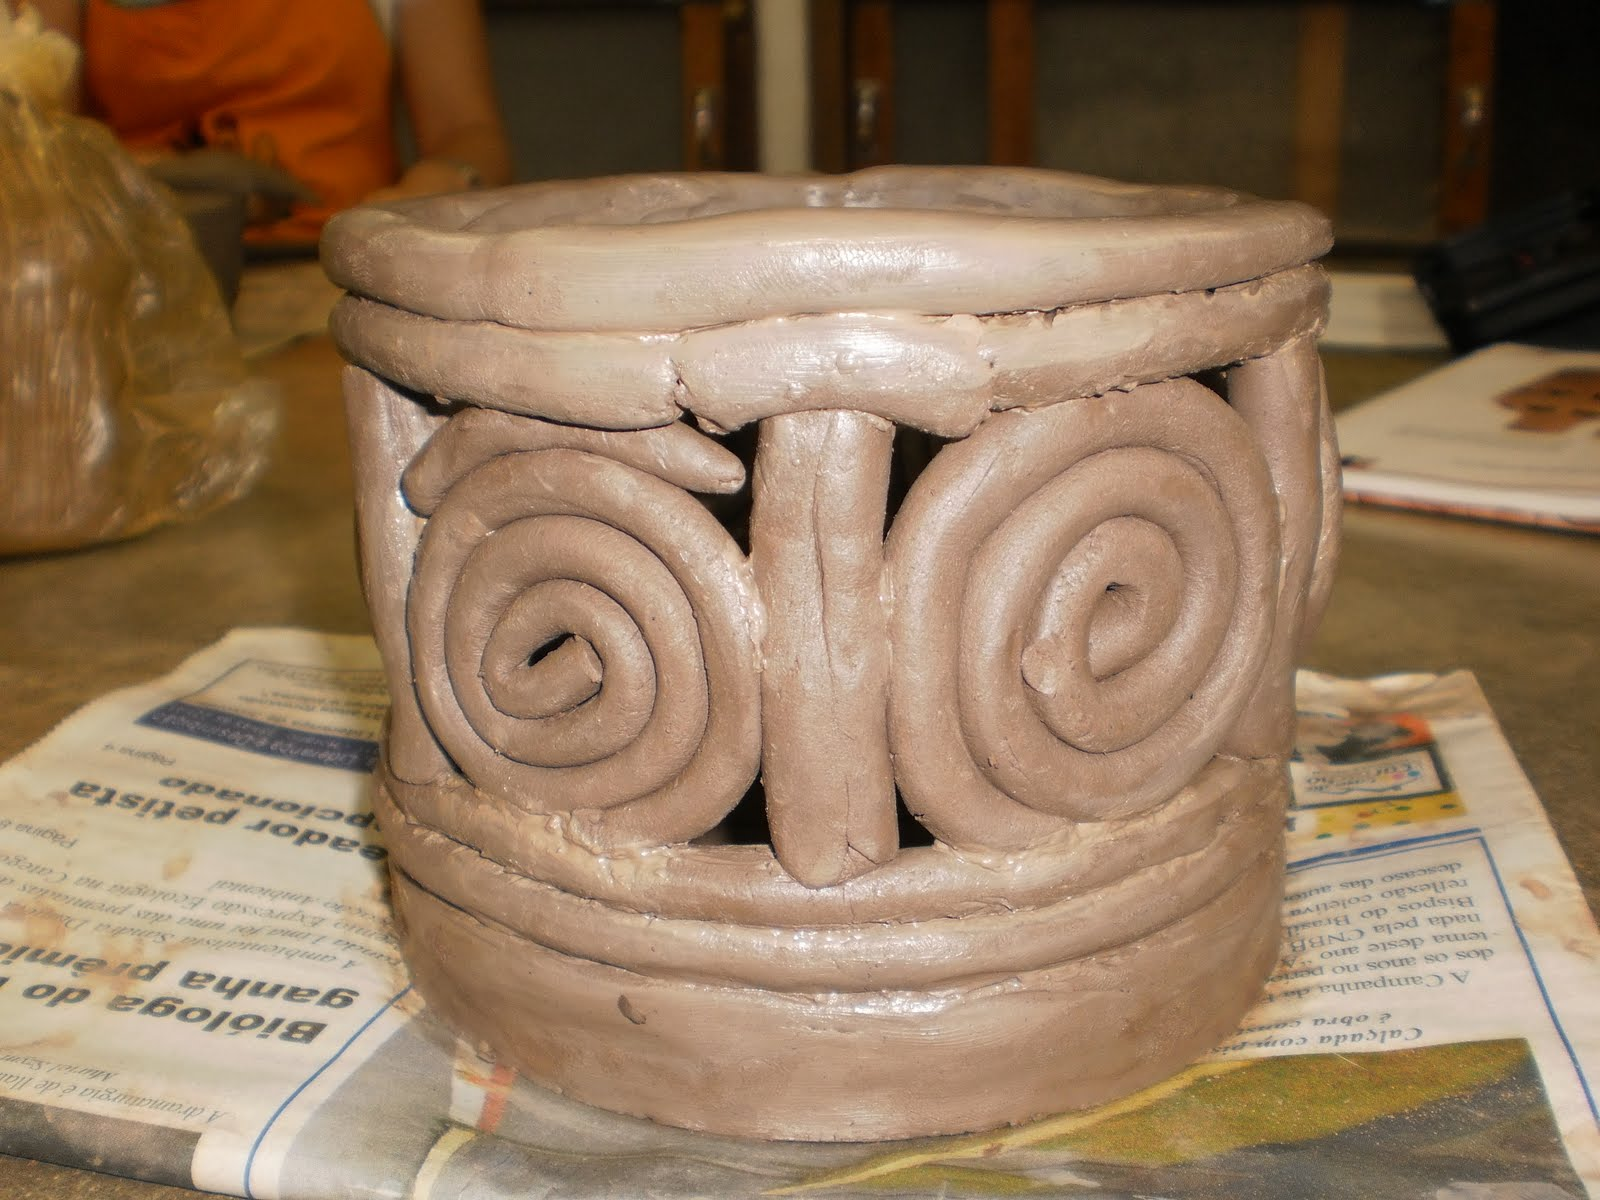 Buscando criar trabalhos de um aluno da casa da cultura for Materiales para ceramica artesanal